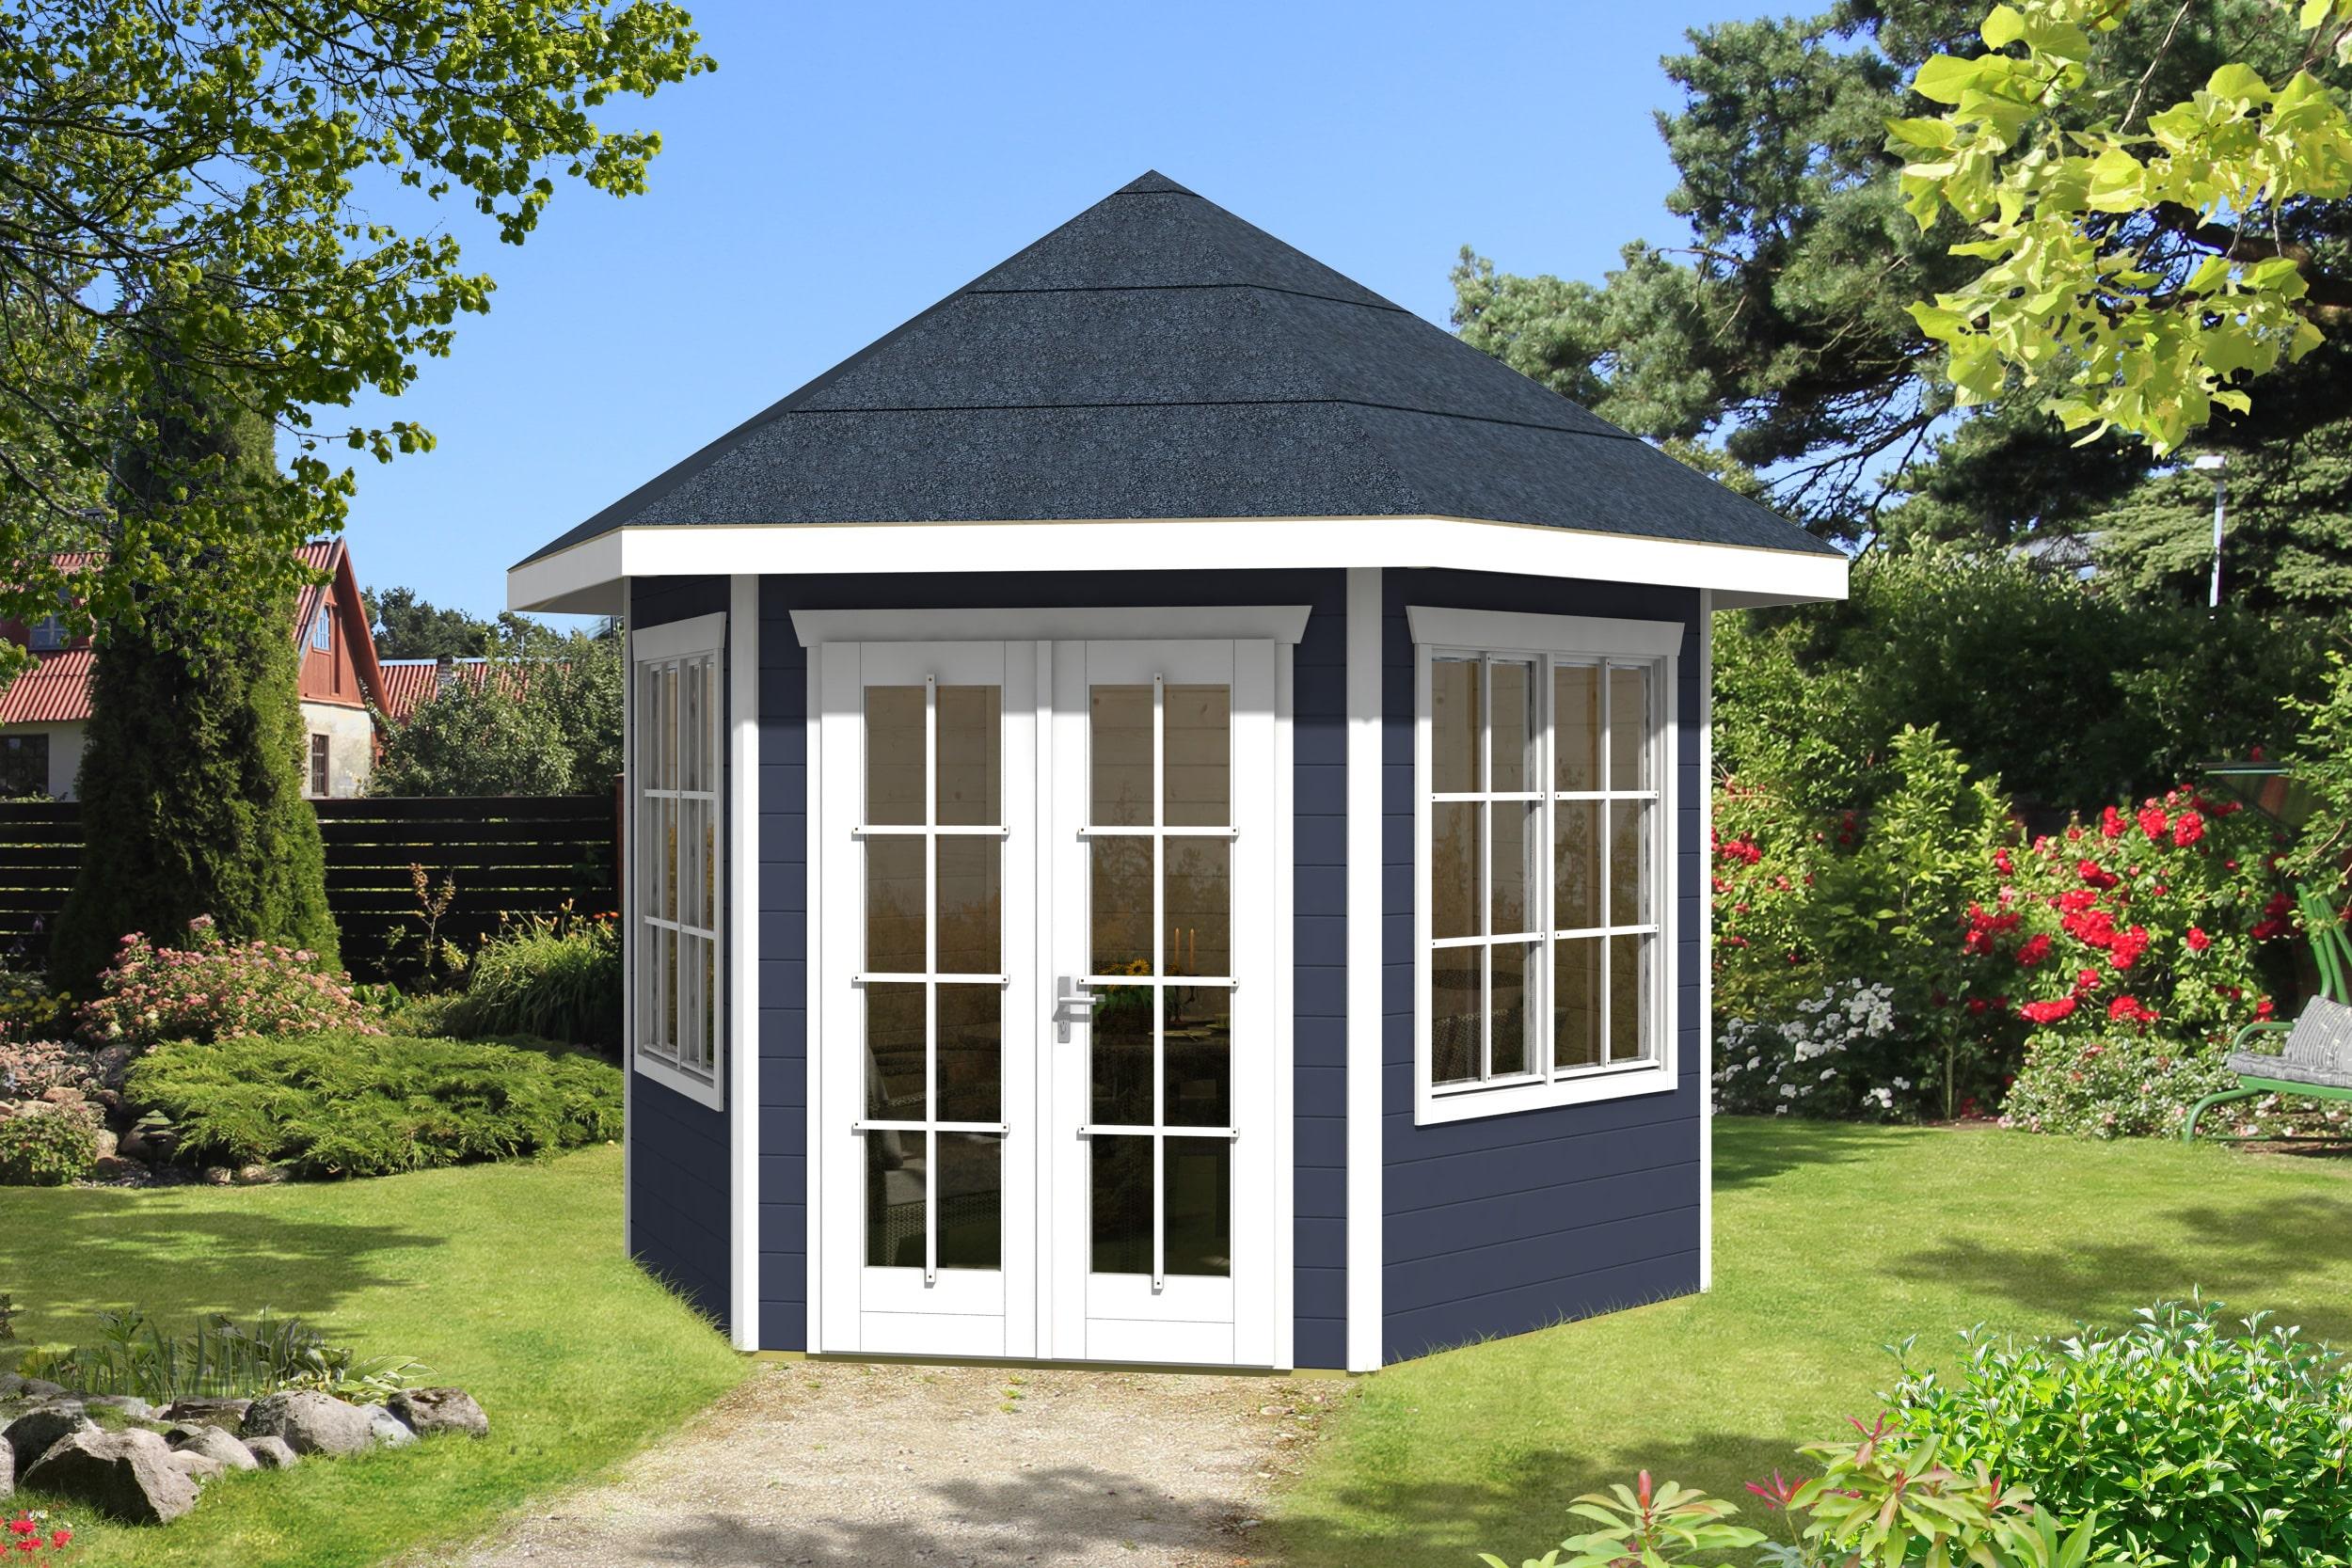 Færdig malet pavillon kan købes hos www.sølundhuse.dk